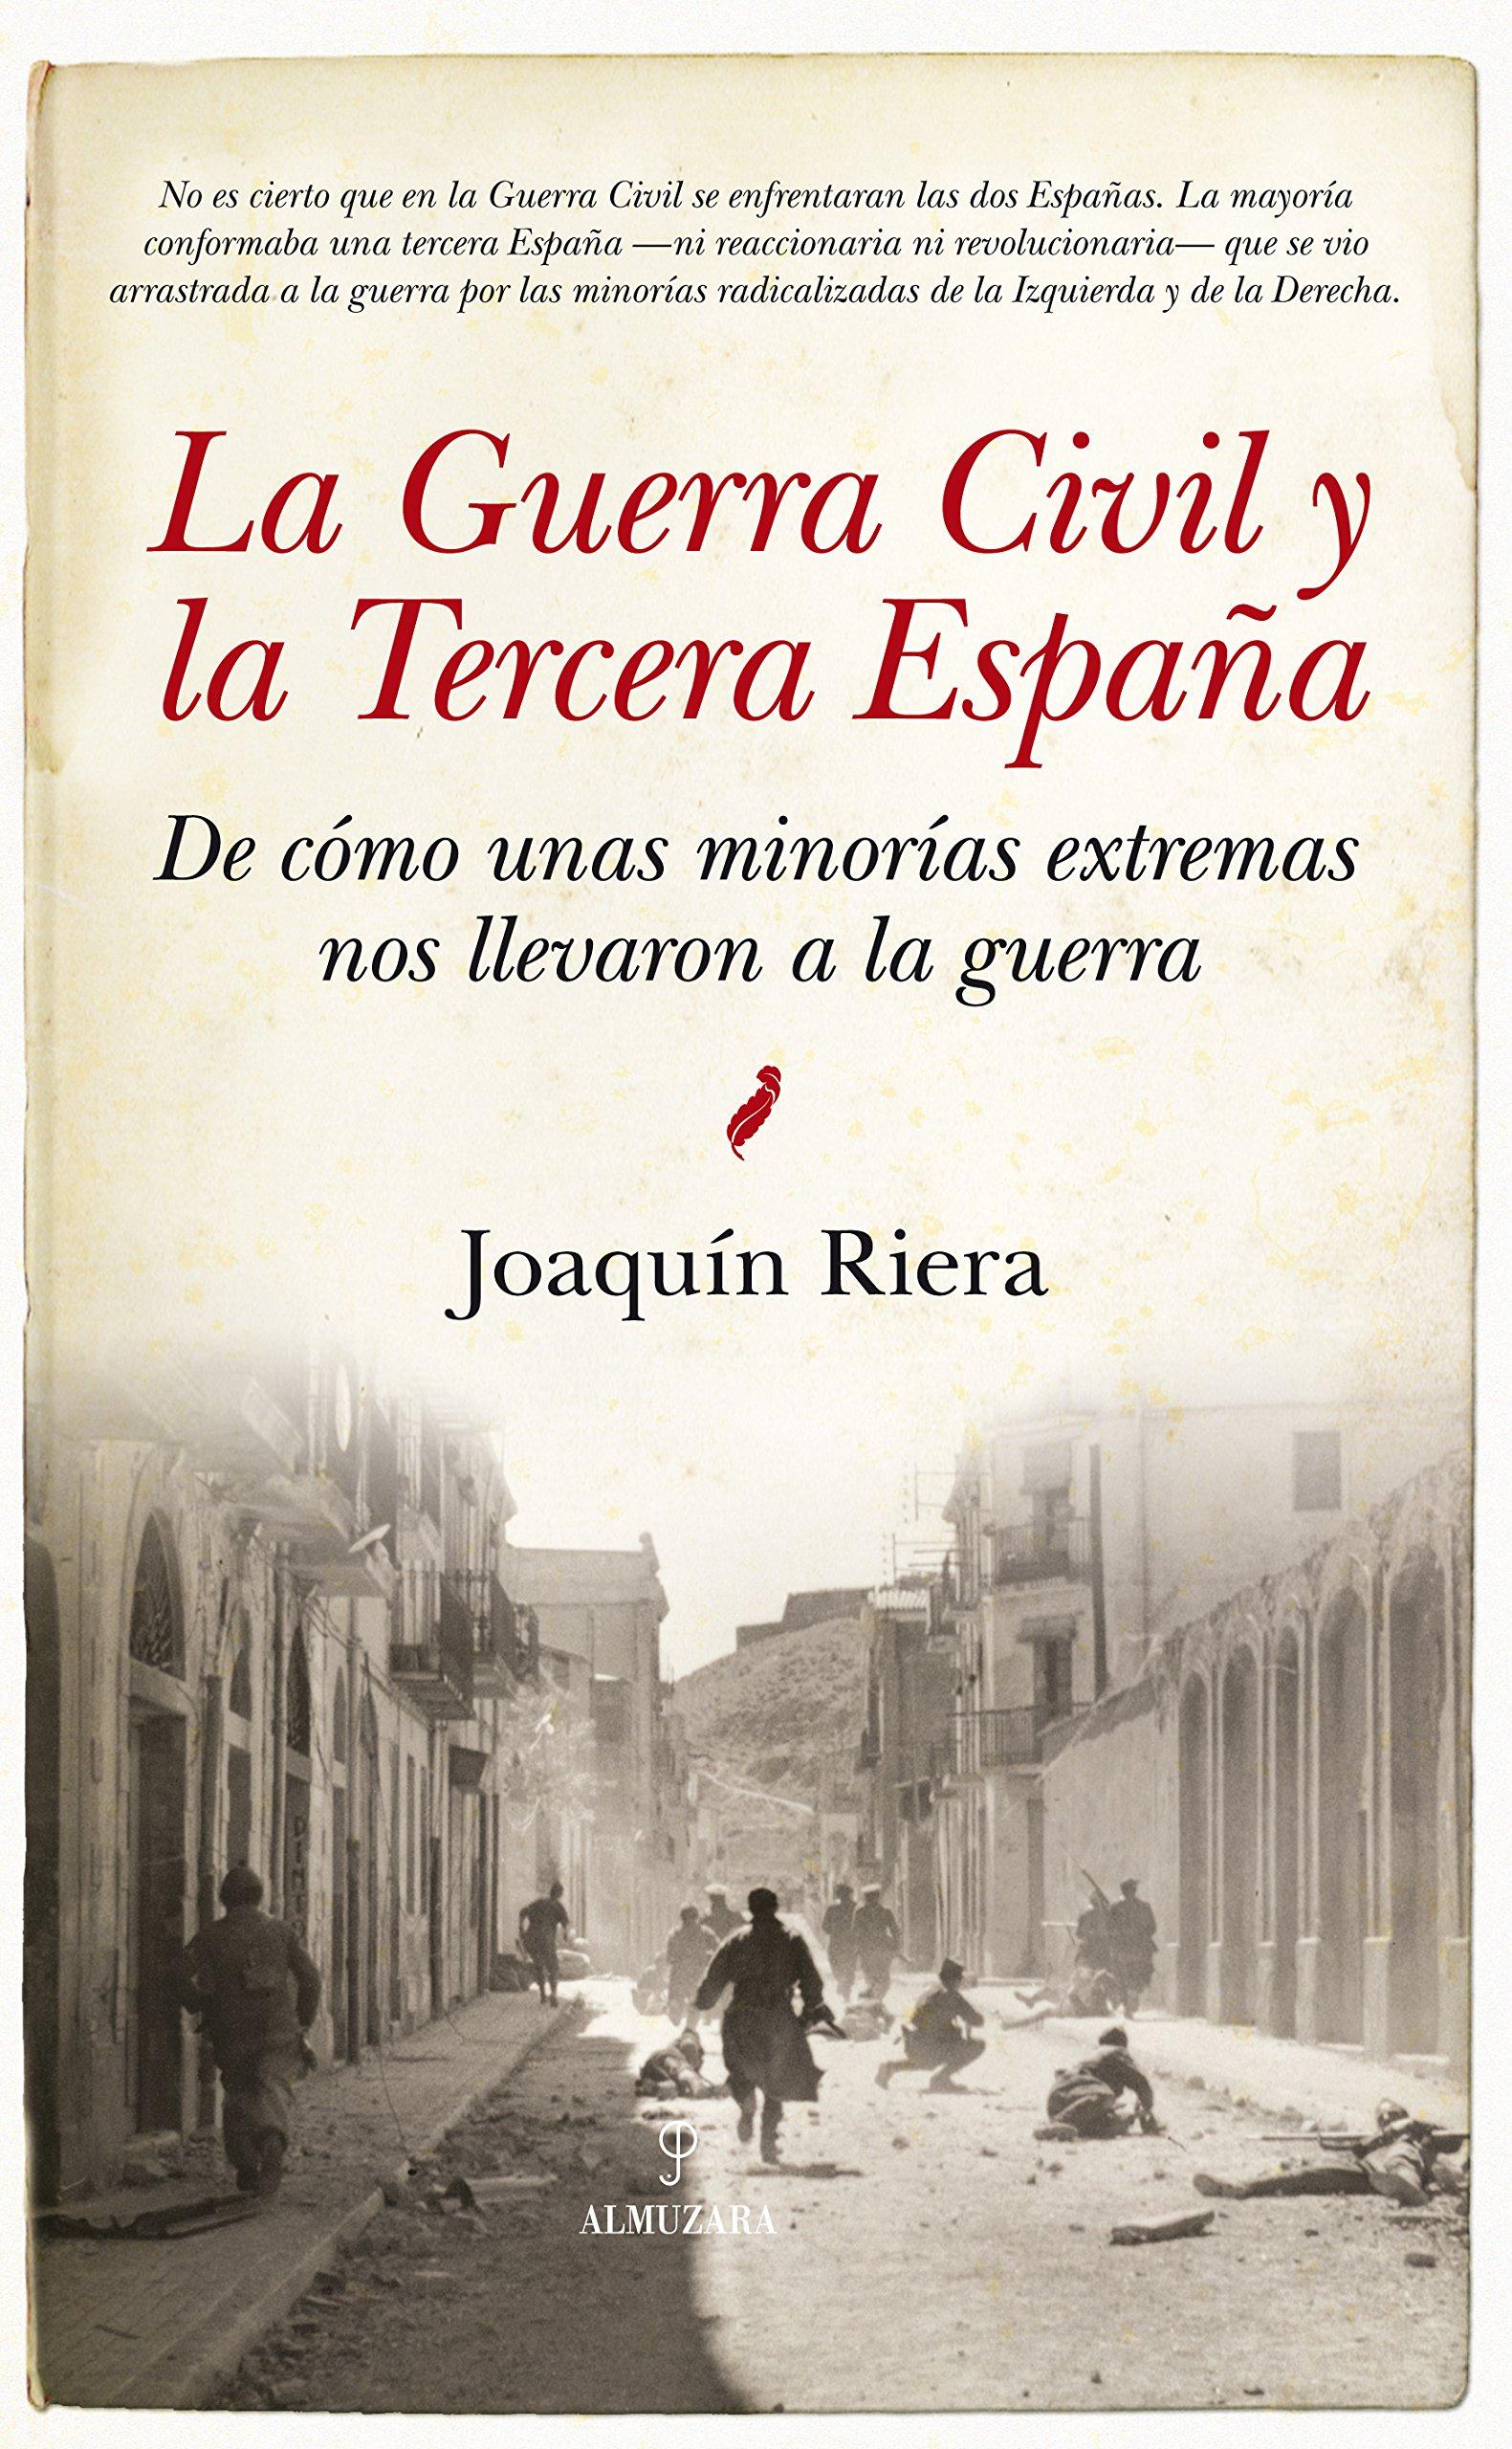 La Guerra Civil y la Tercera España: De cómo unas minorías extremas nos llevaron a la guerra Historia: Amazon.es: Riera Ginestar, Joaquín: Libros